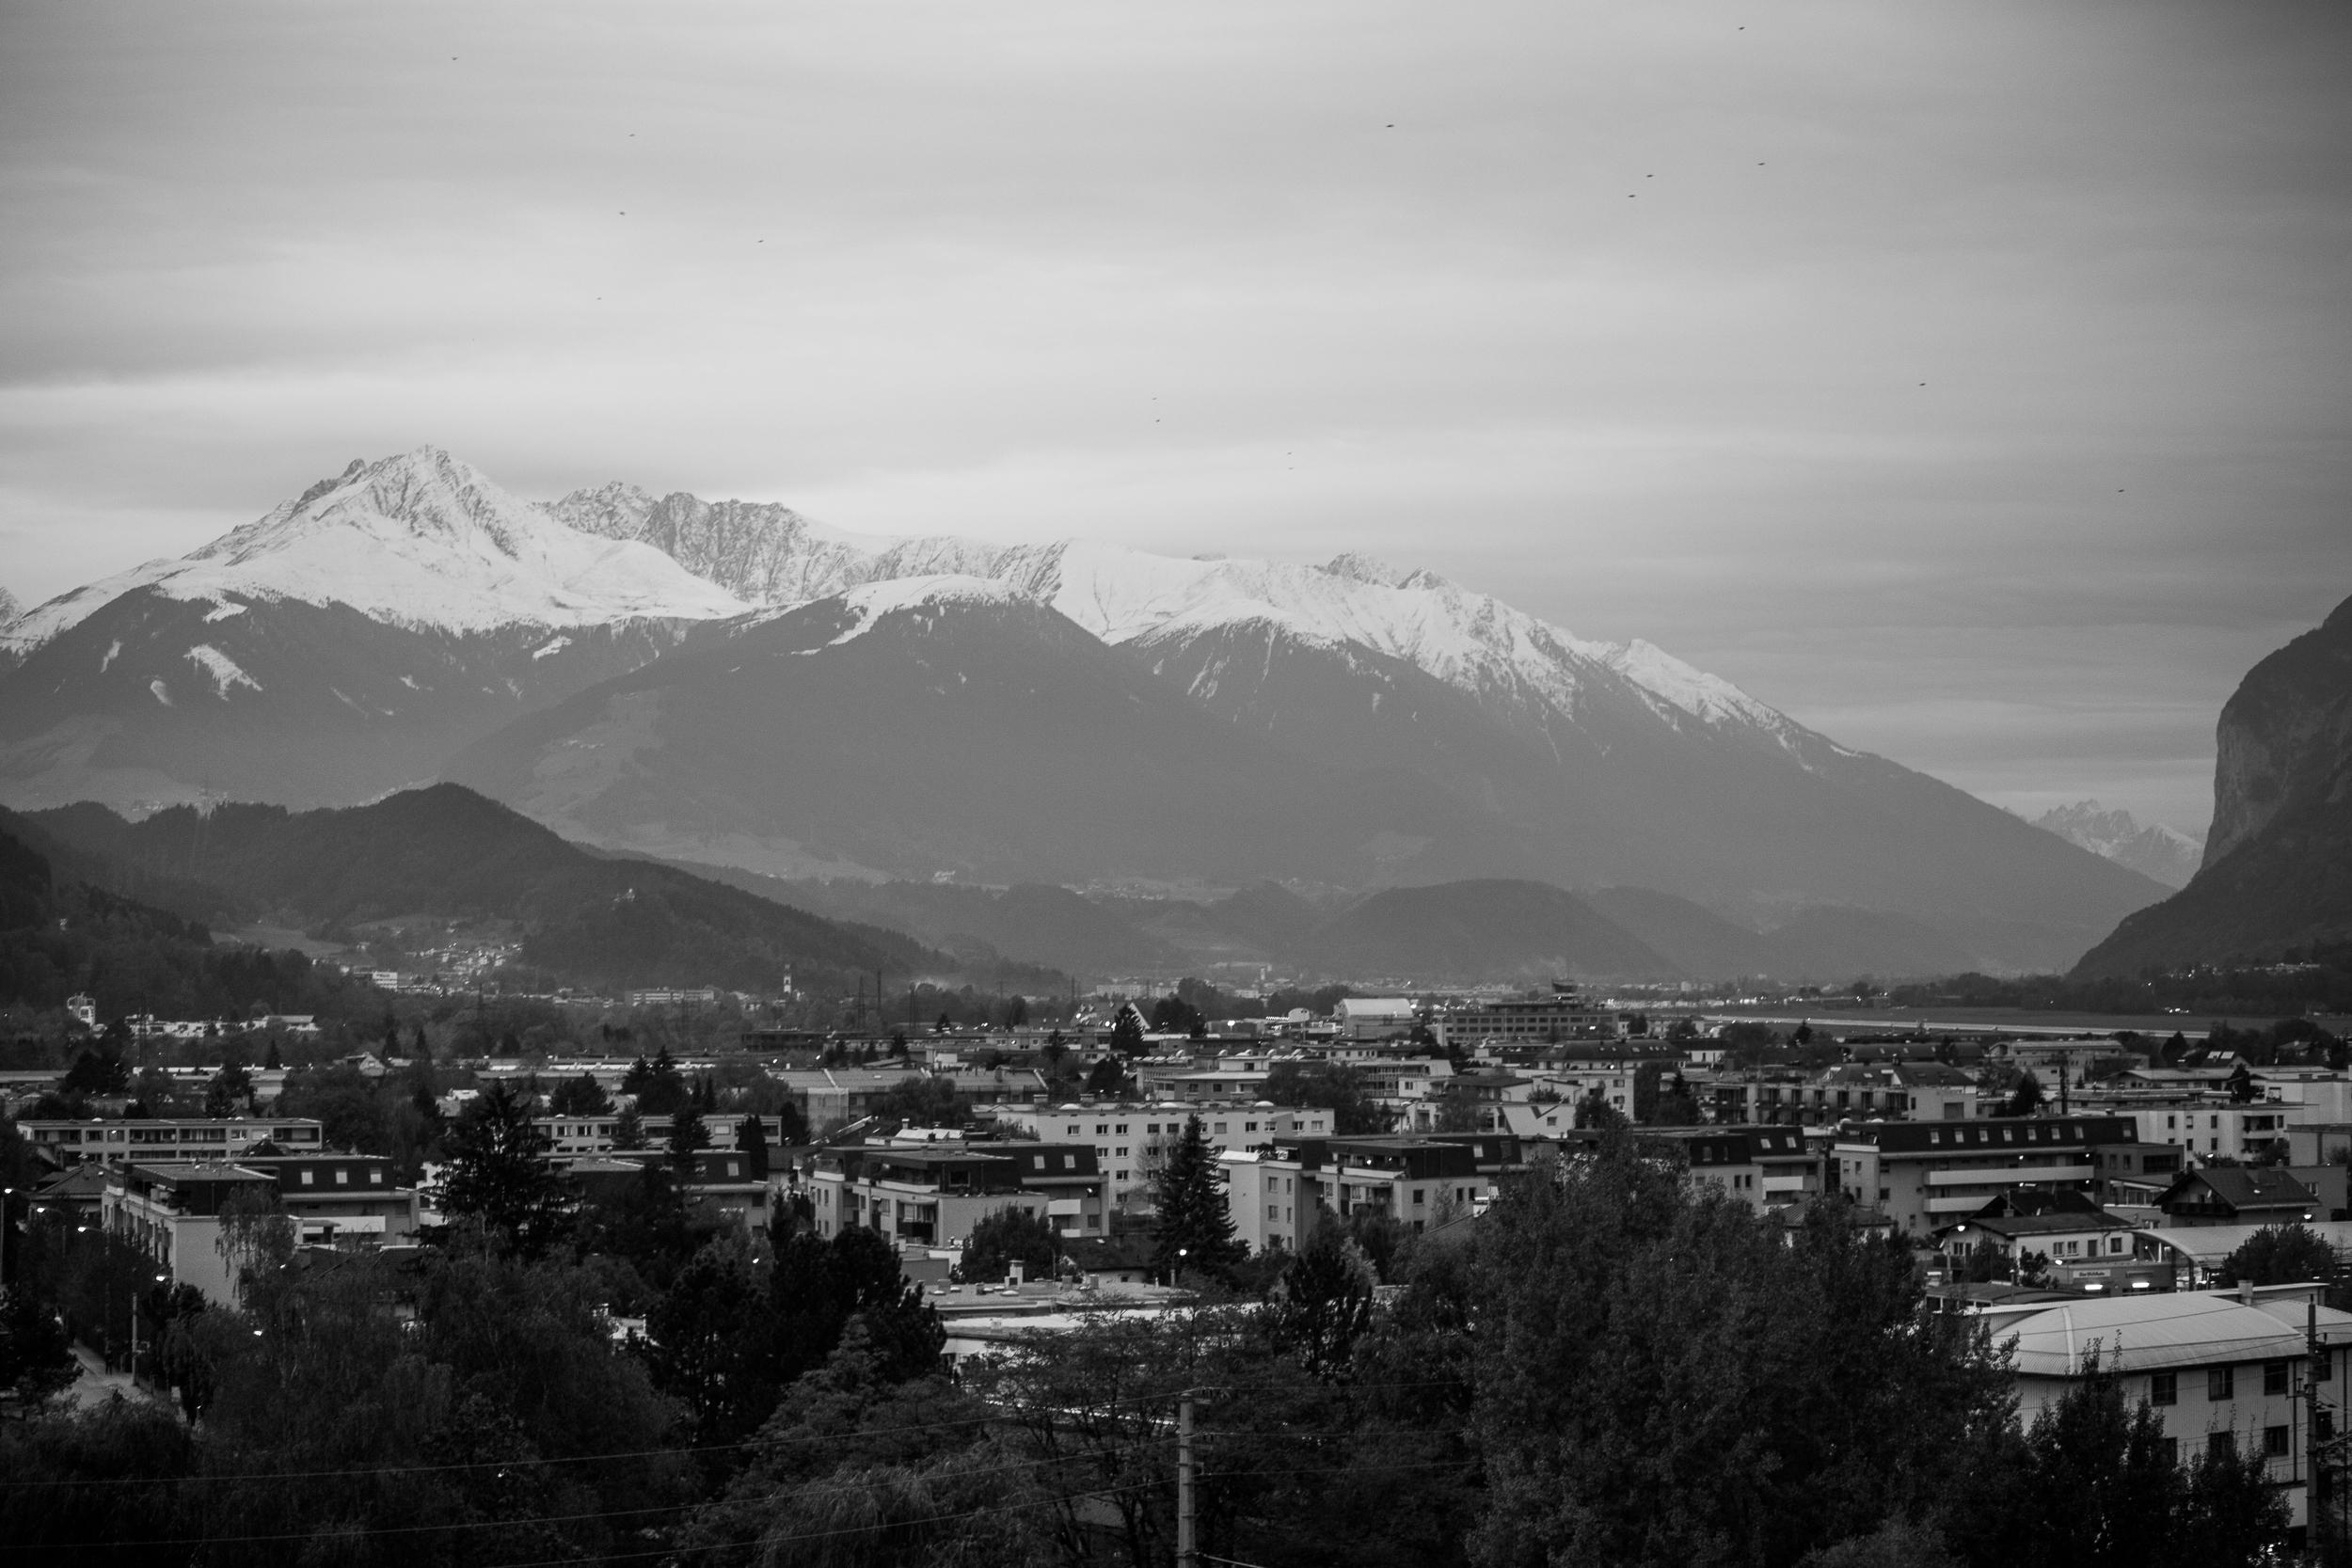 221015_fausko_innsbruck_frabalkongen_fjelllandskap_-2.jpg